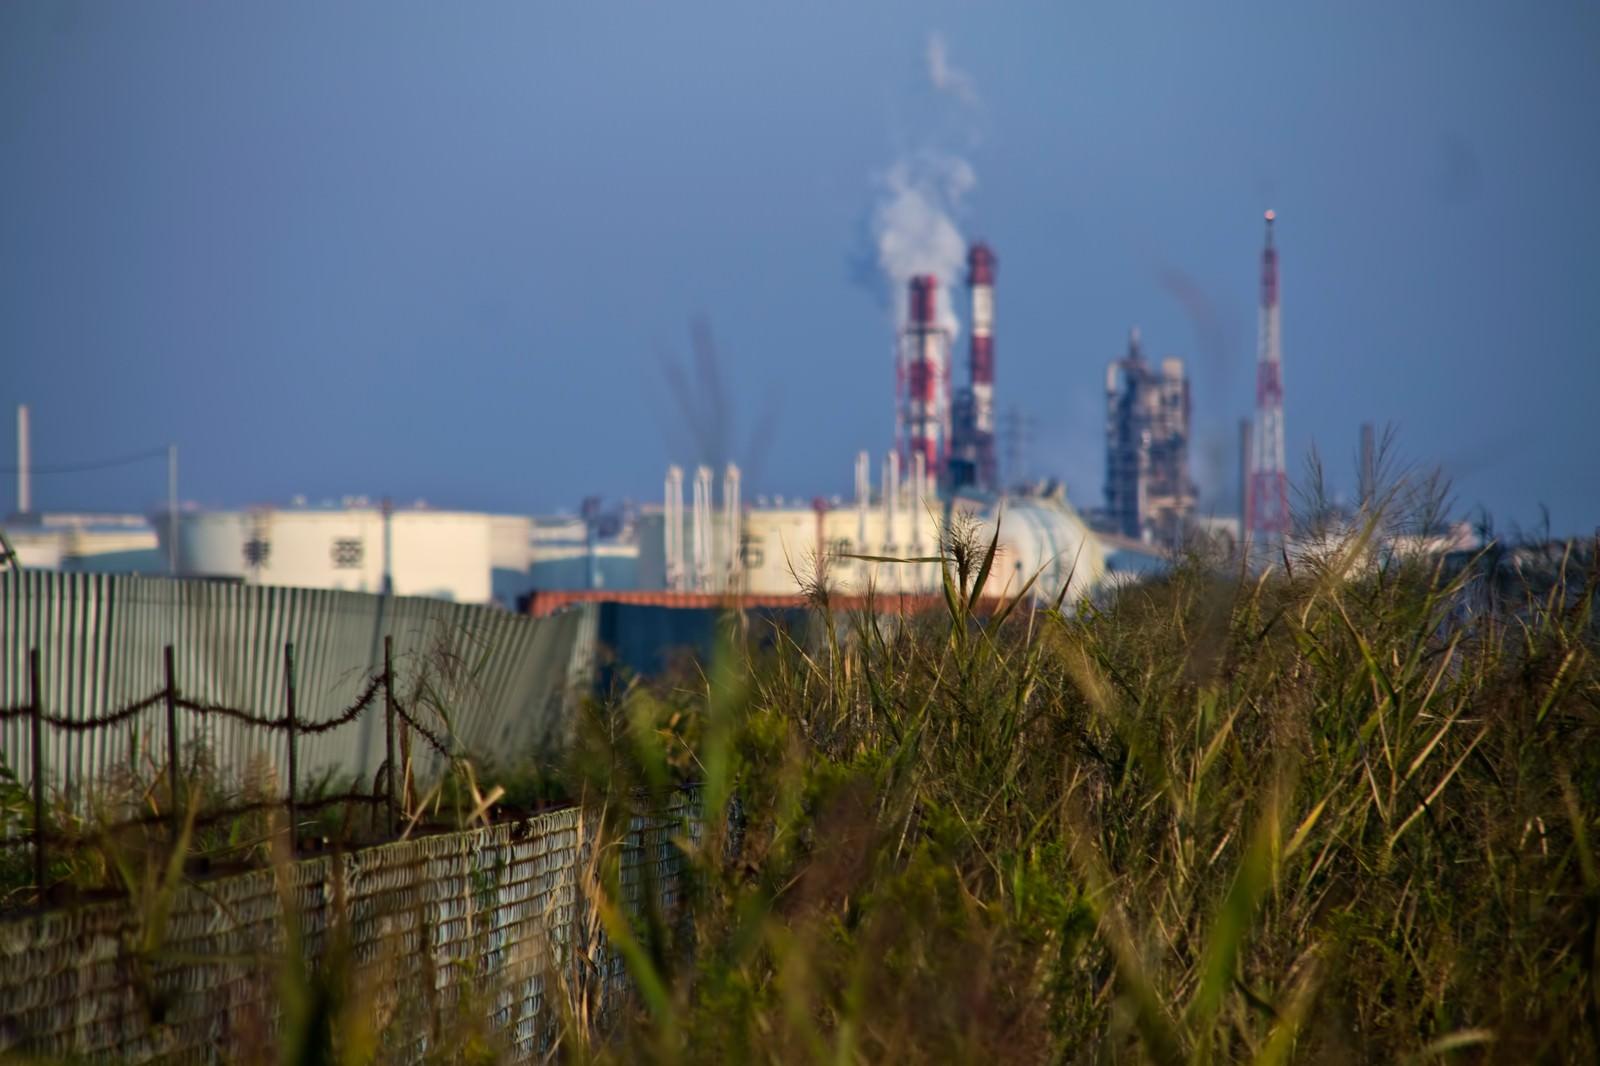 「遠くに見える工業地帯」の写真